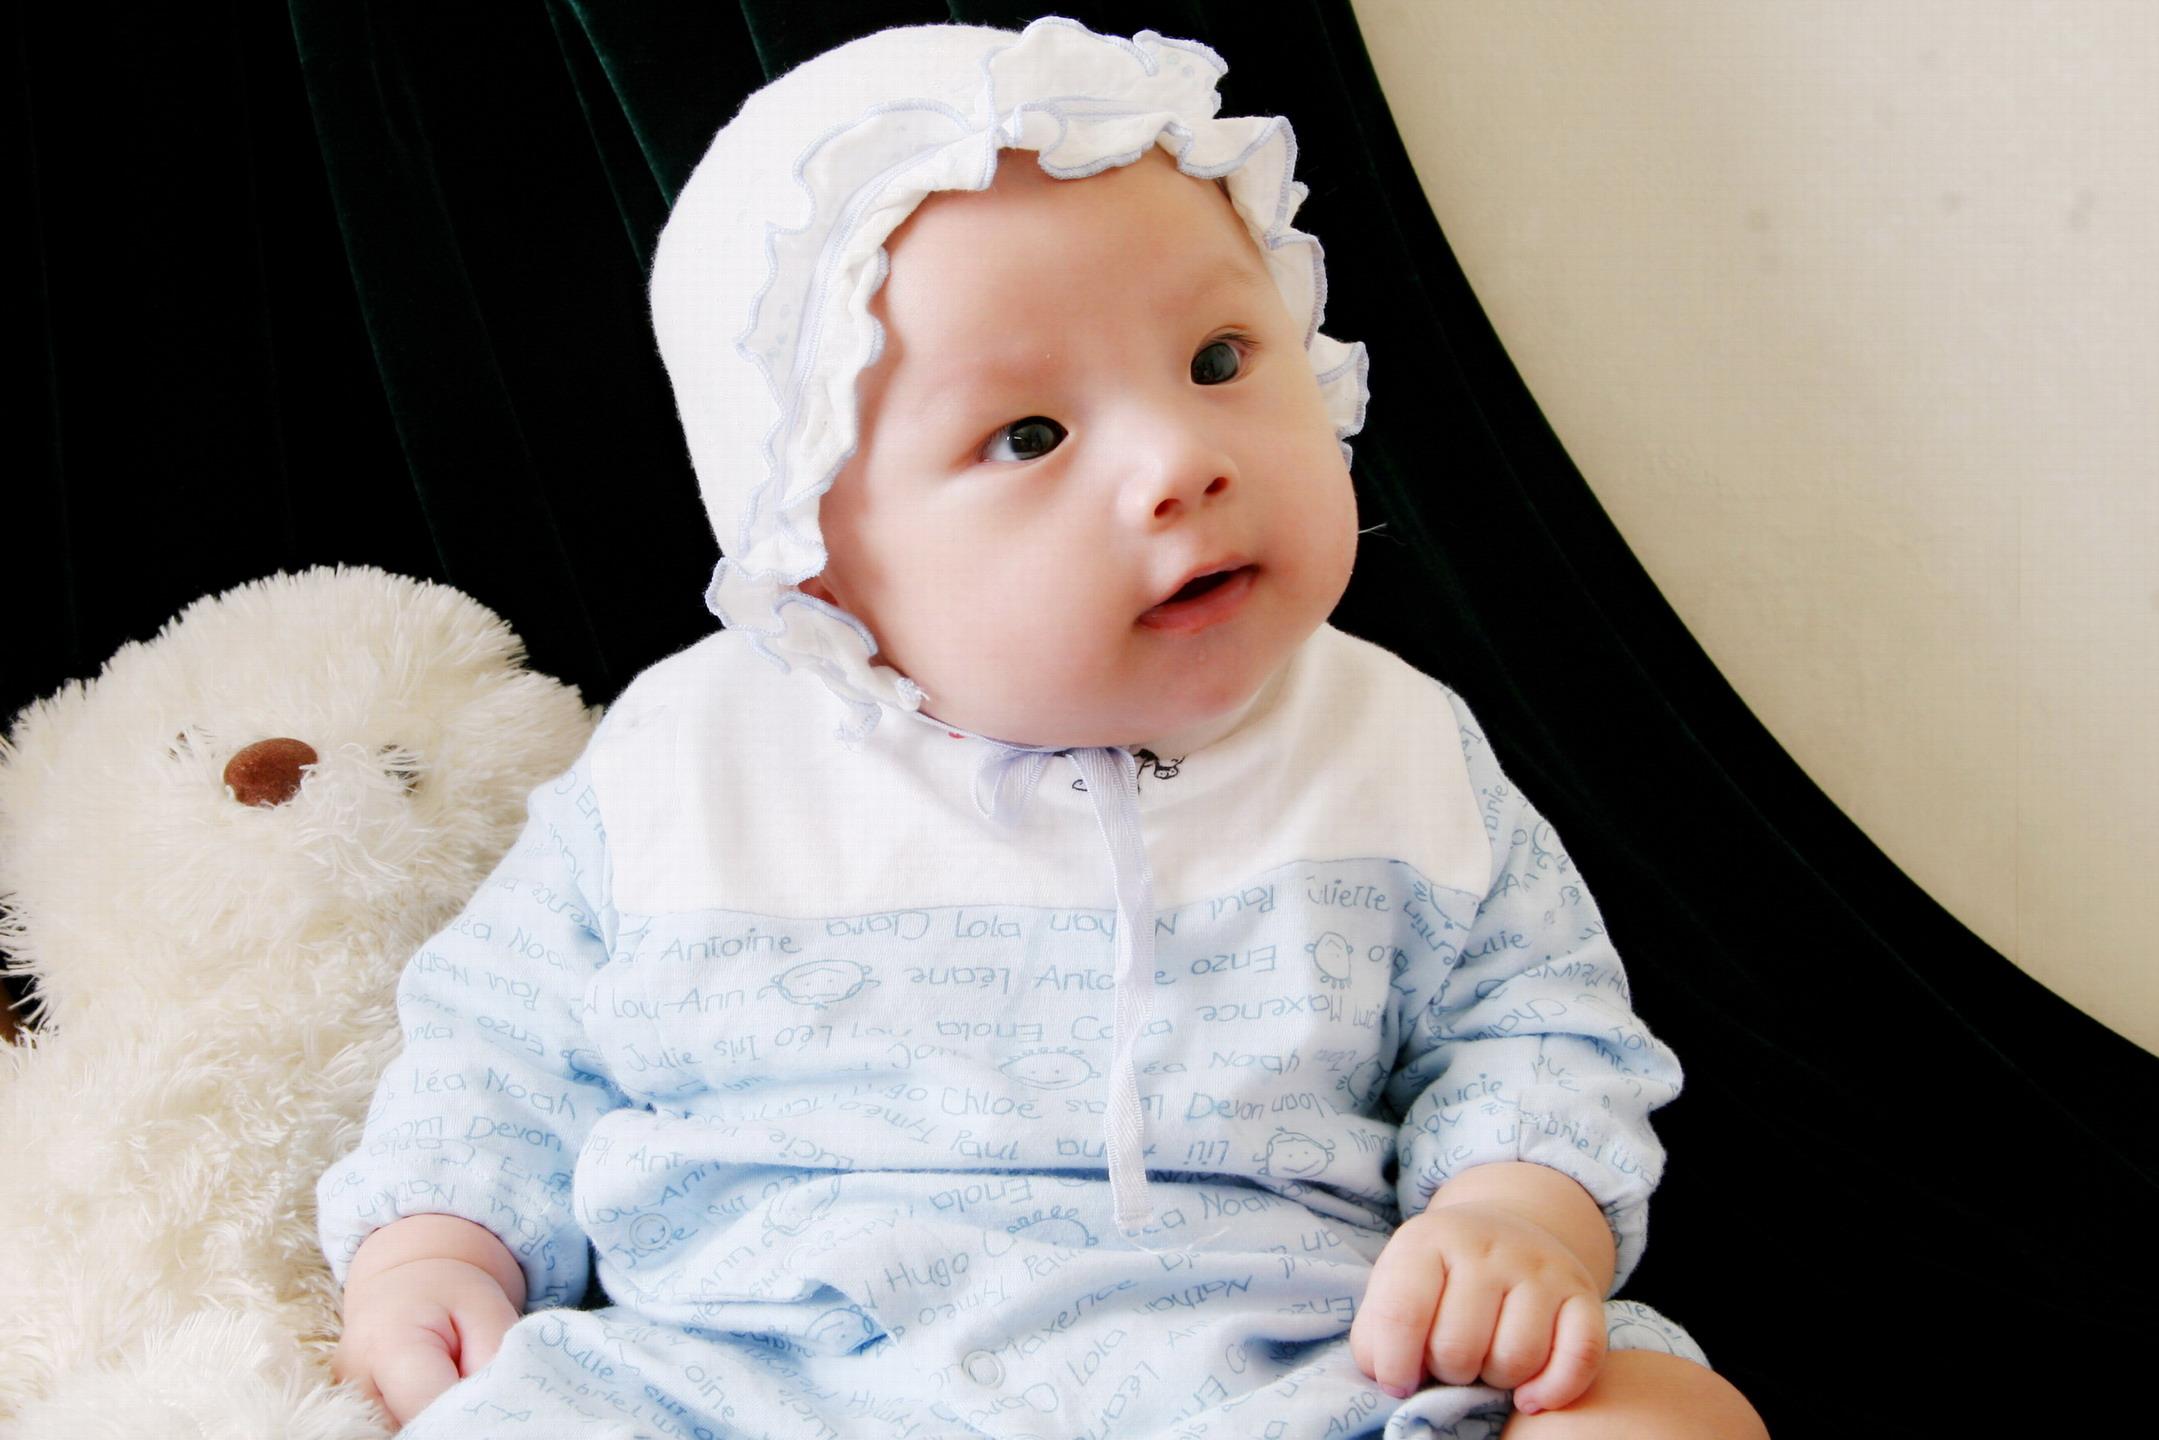 宝宝 壁纸 儿童 孩子 小孩 婴儿 2159_1440